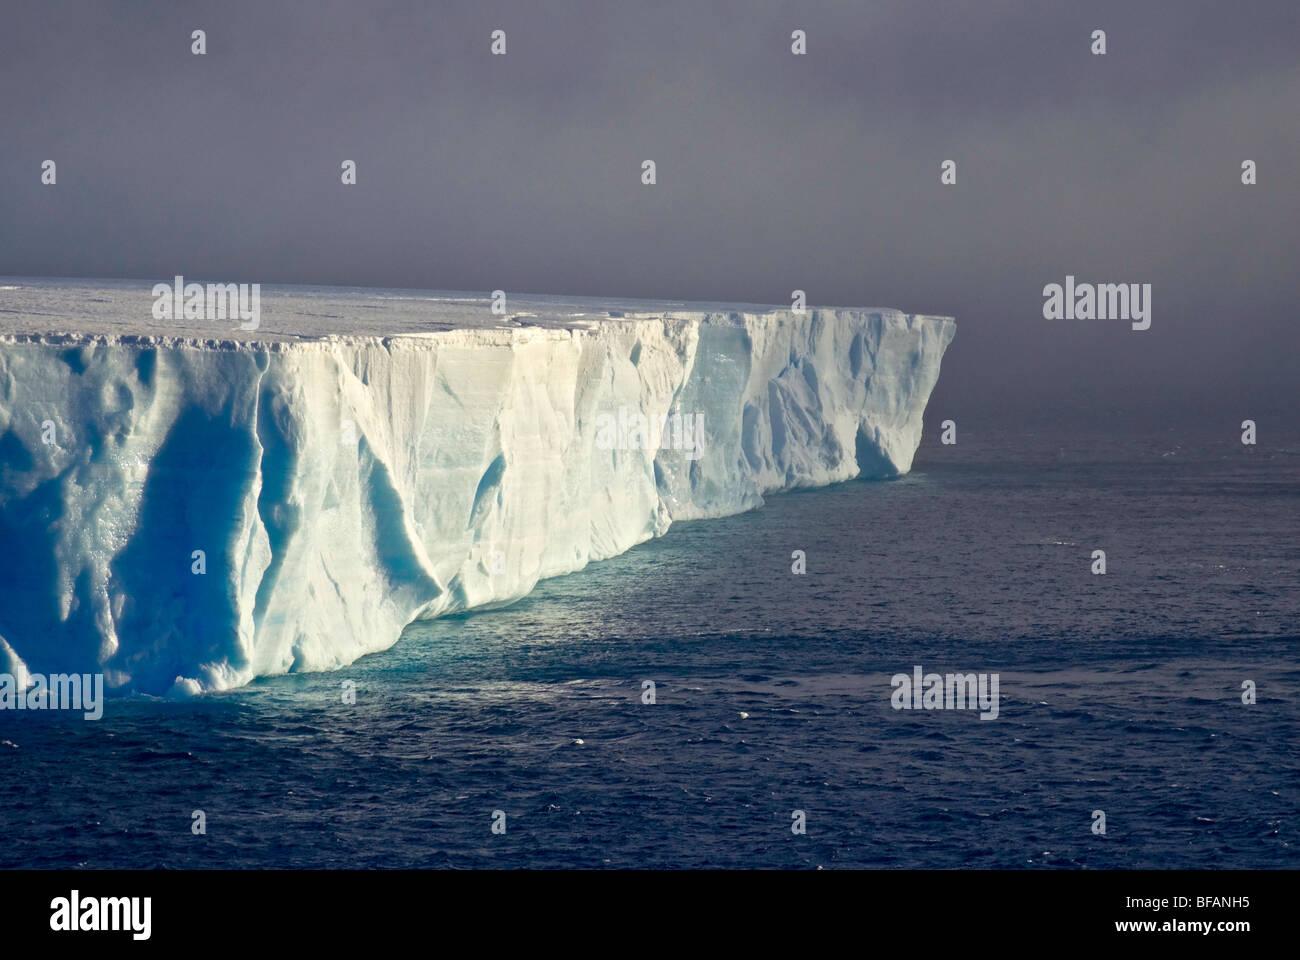 antarctic-sound-antarctic-peninsula-melt